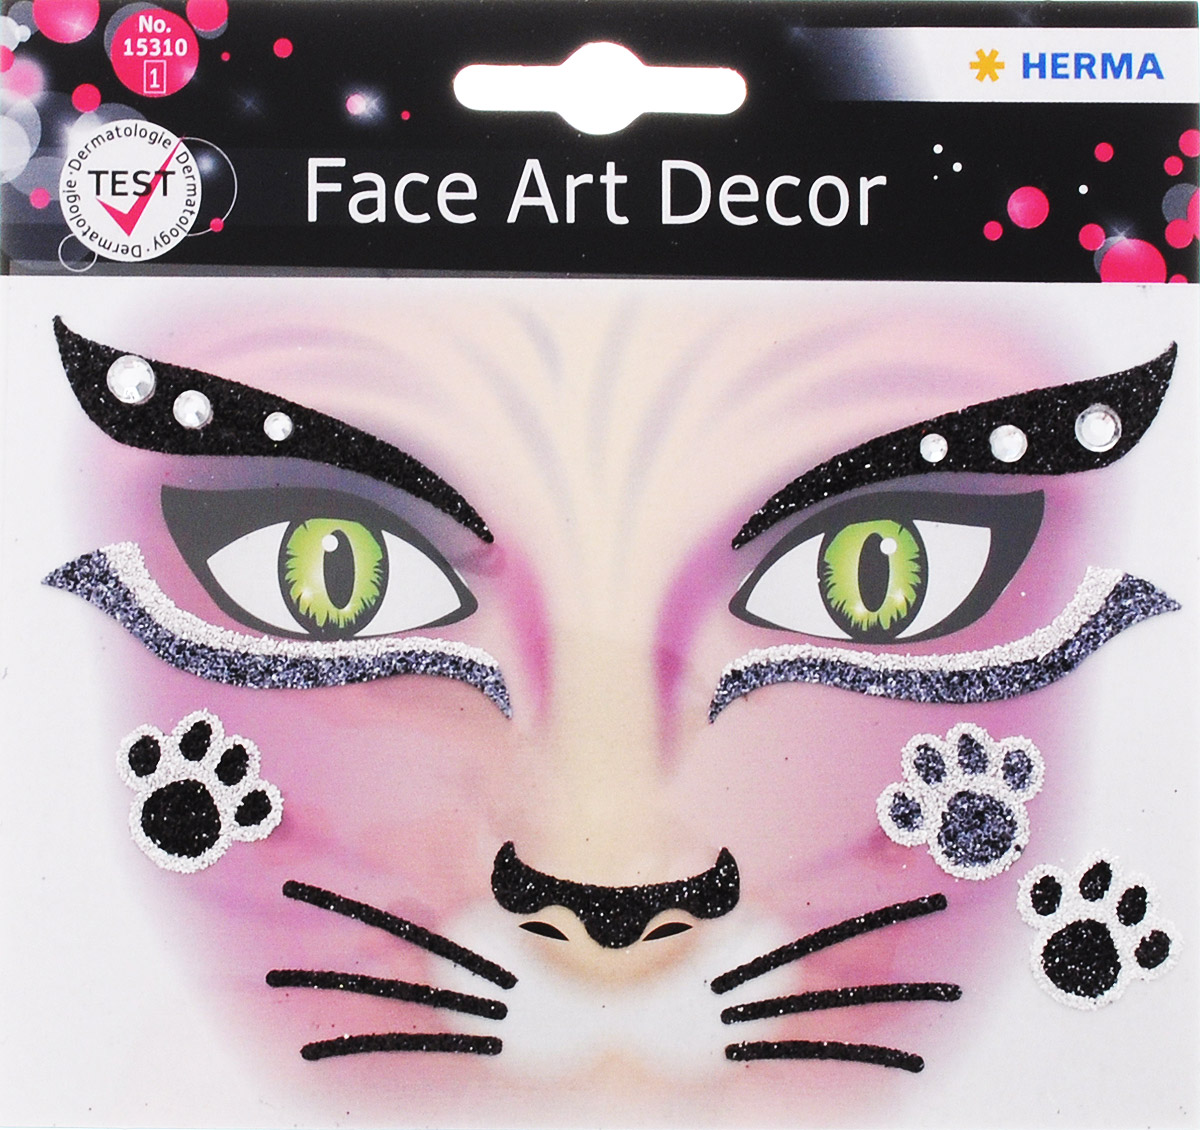 Herma Наклейки на лицо Face Art Pink Cat